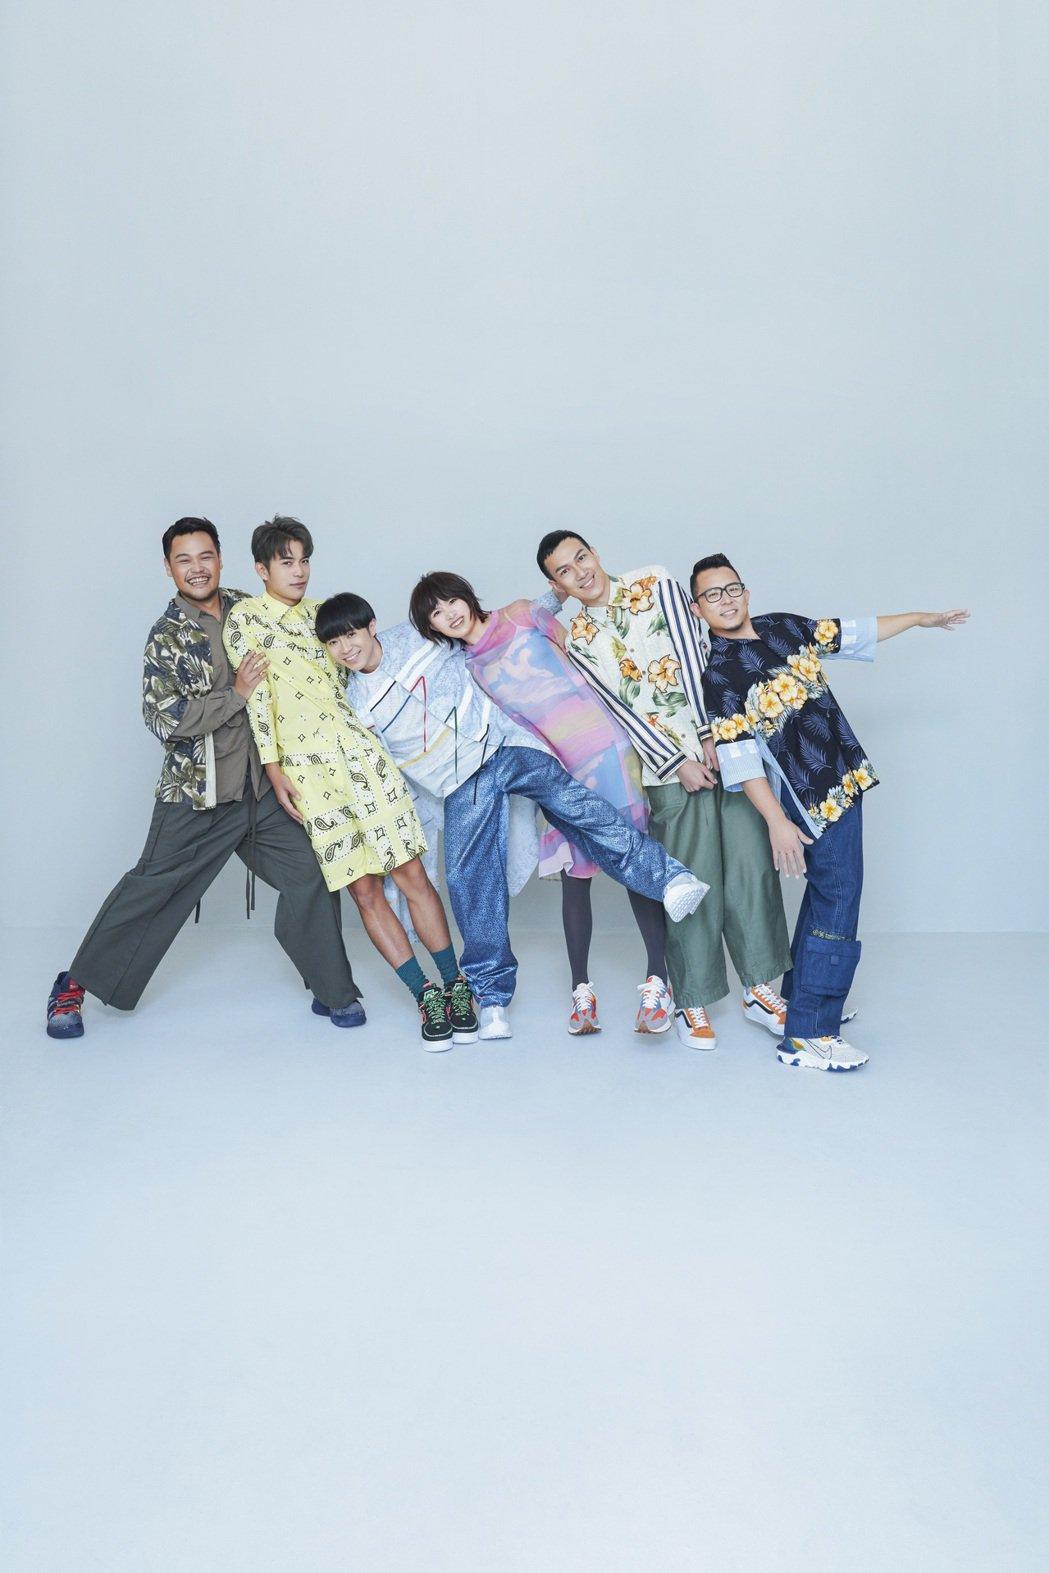 從蘇打綠變成魚丁糸,6位成員感情依舊深厚,也心疼吳青峰(左三)都自己扛著壓力。圖